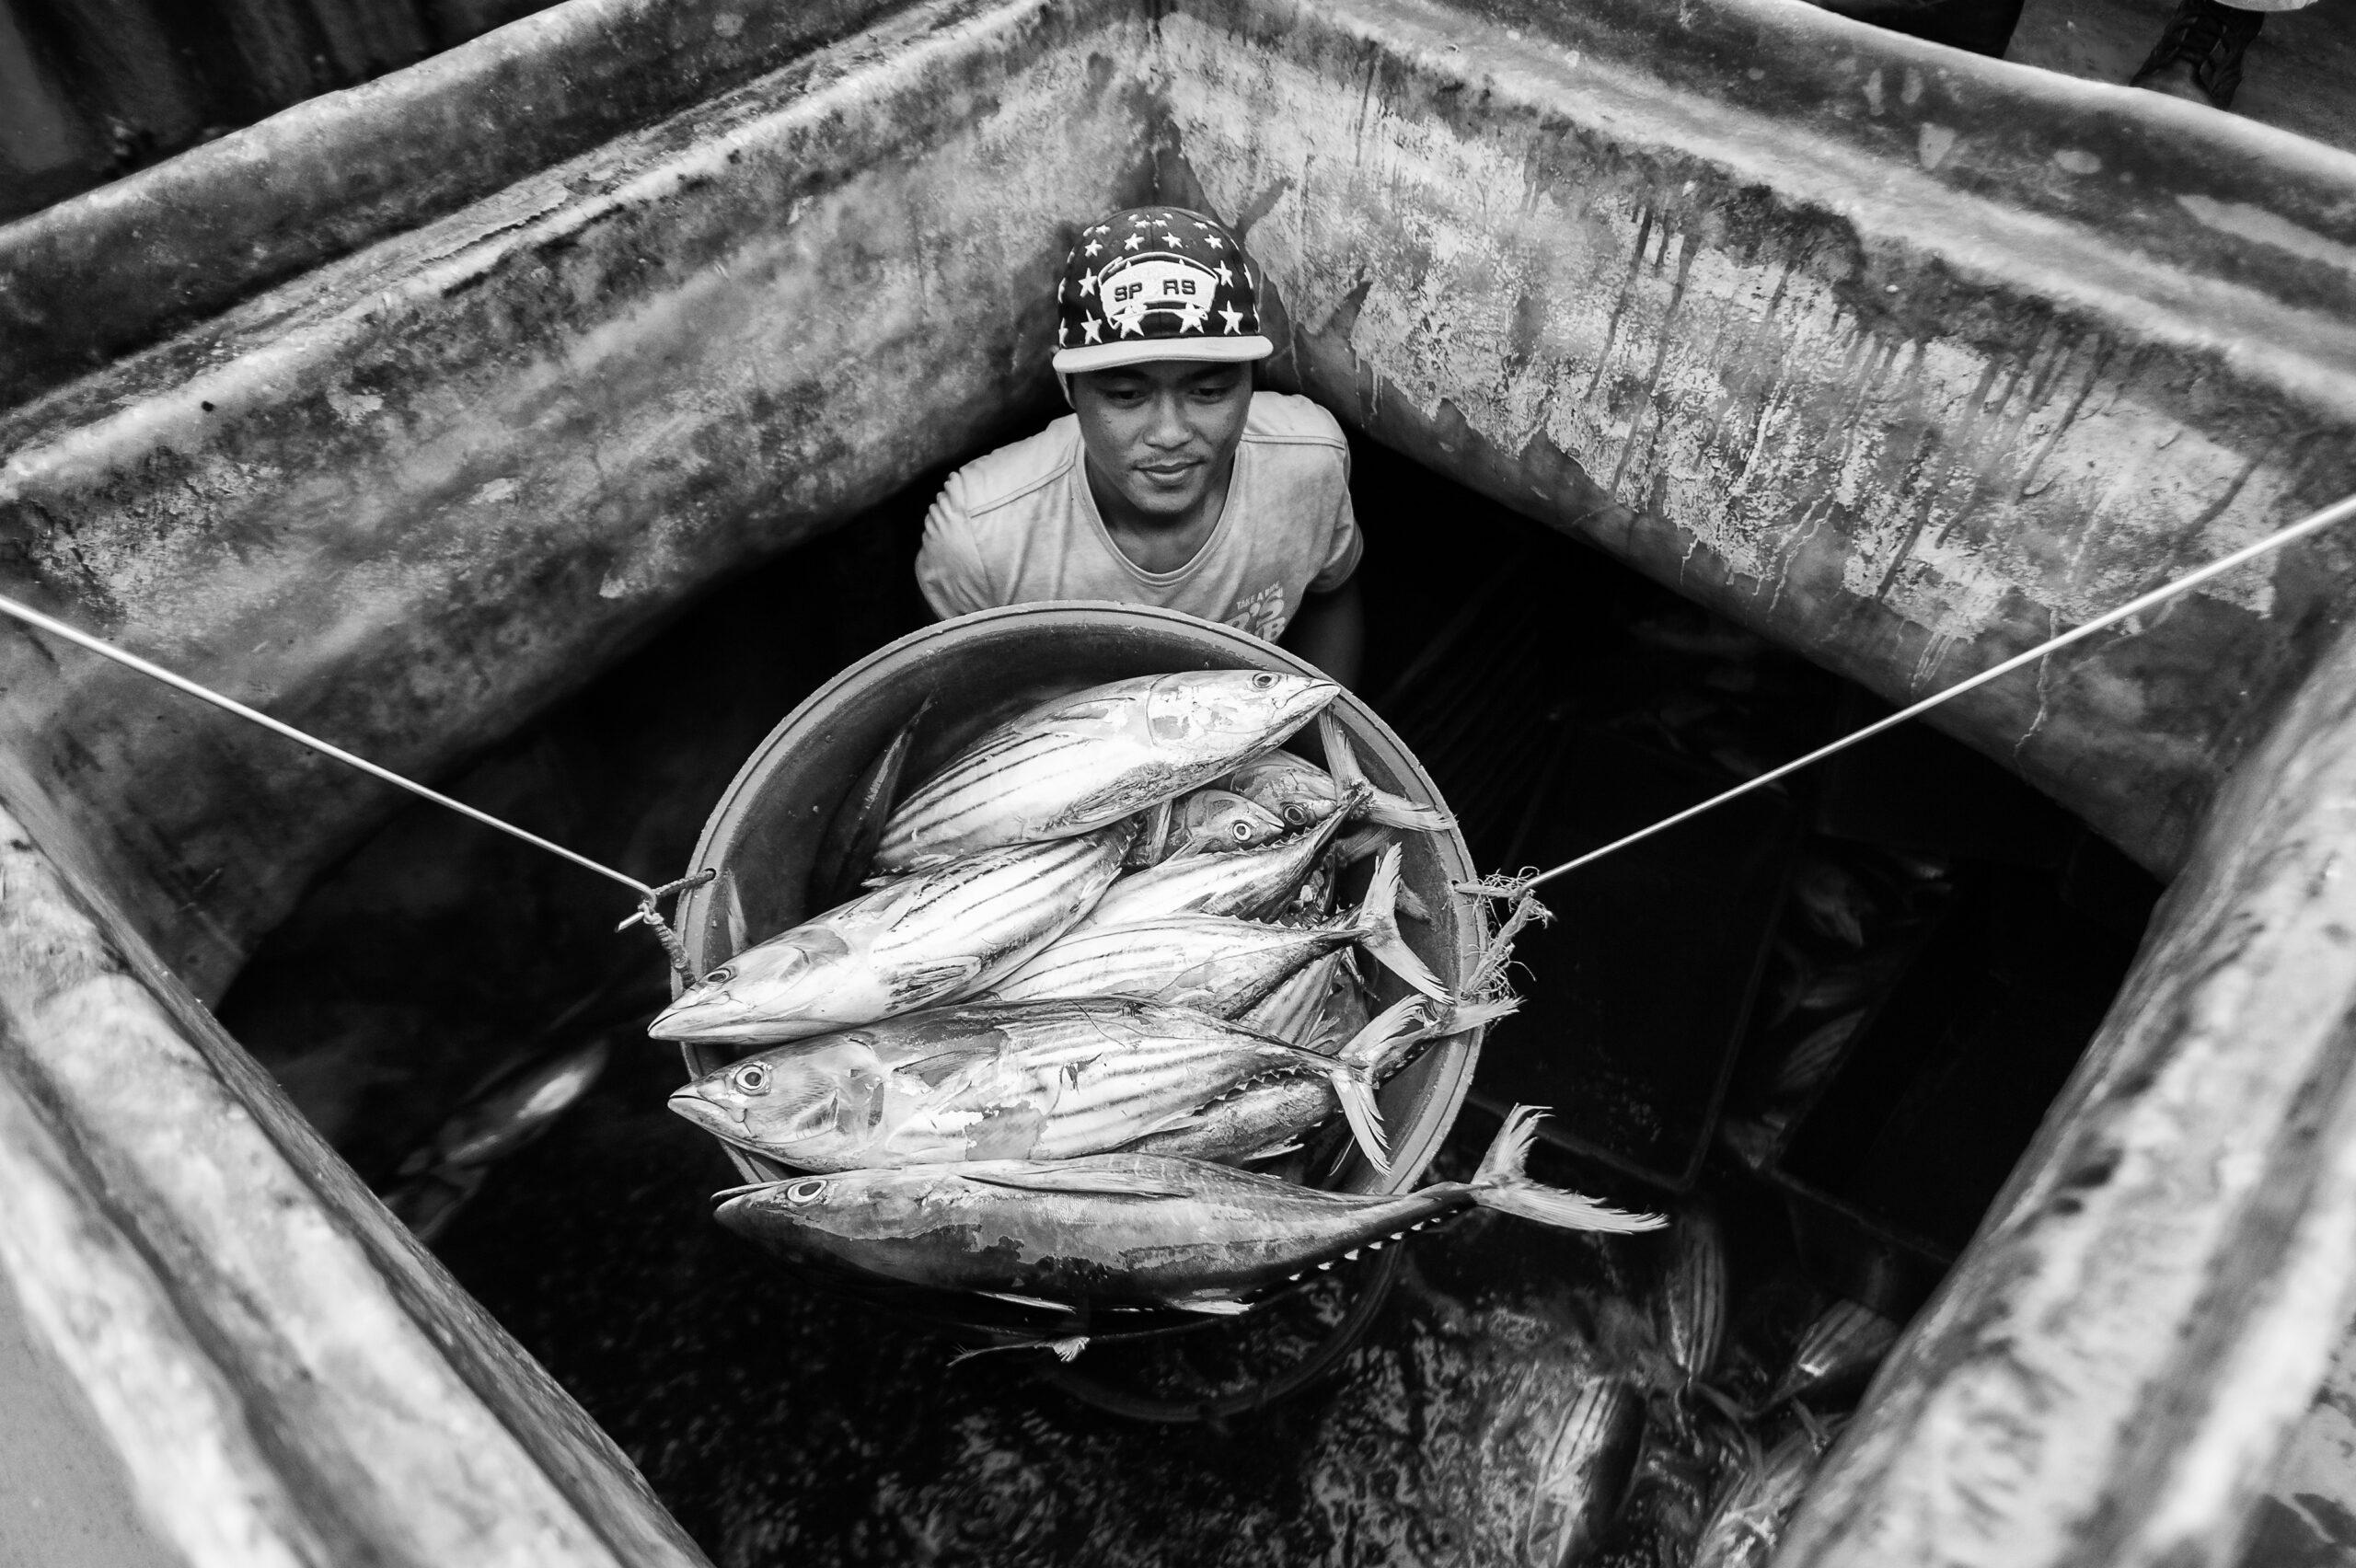 Primer Premio. Categoría: Mejor trabajo en el exterior (Serie). Un pescador descarga atún listado desde la bodega de un barco perteneciente a la flota filipina en General Santos. El atún listado es relativamente pequeño, pudiendo medir un metro como máximo, y es el más abundante y ampliamente pescado de las especies de atún. Nando Rivero